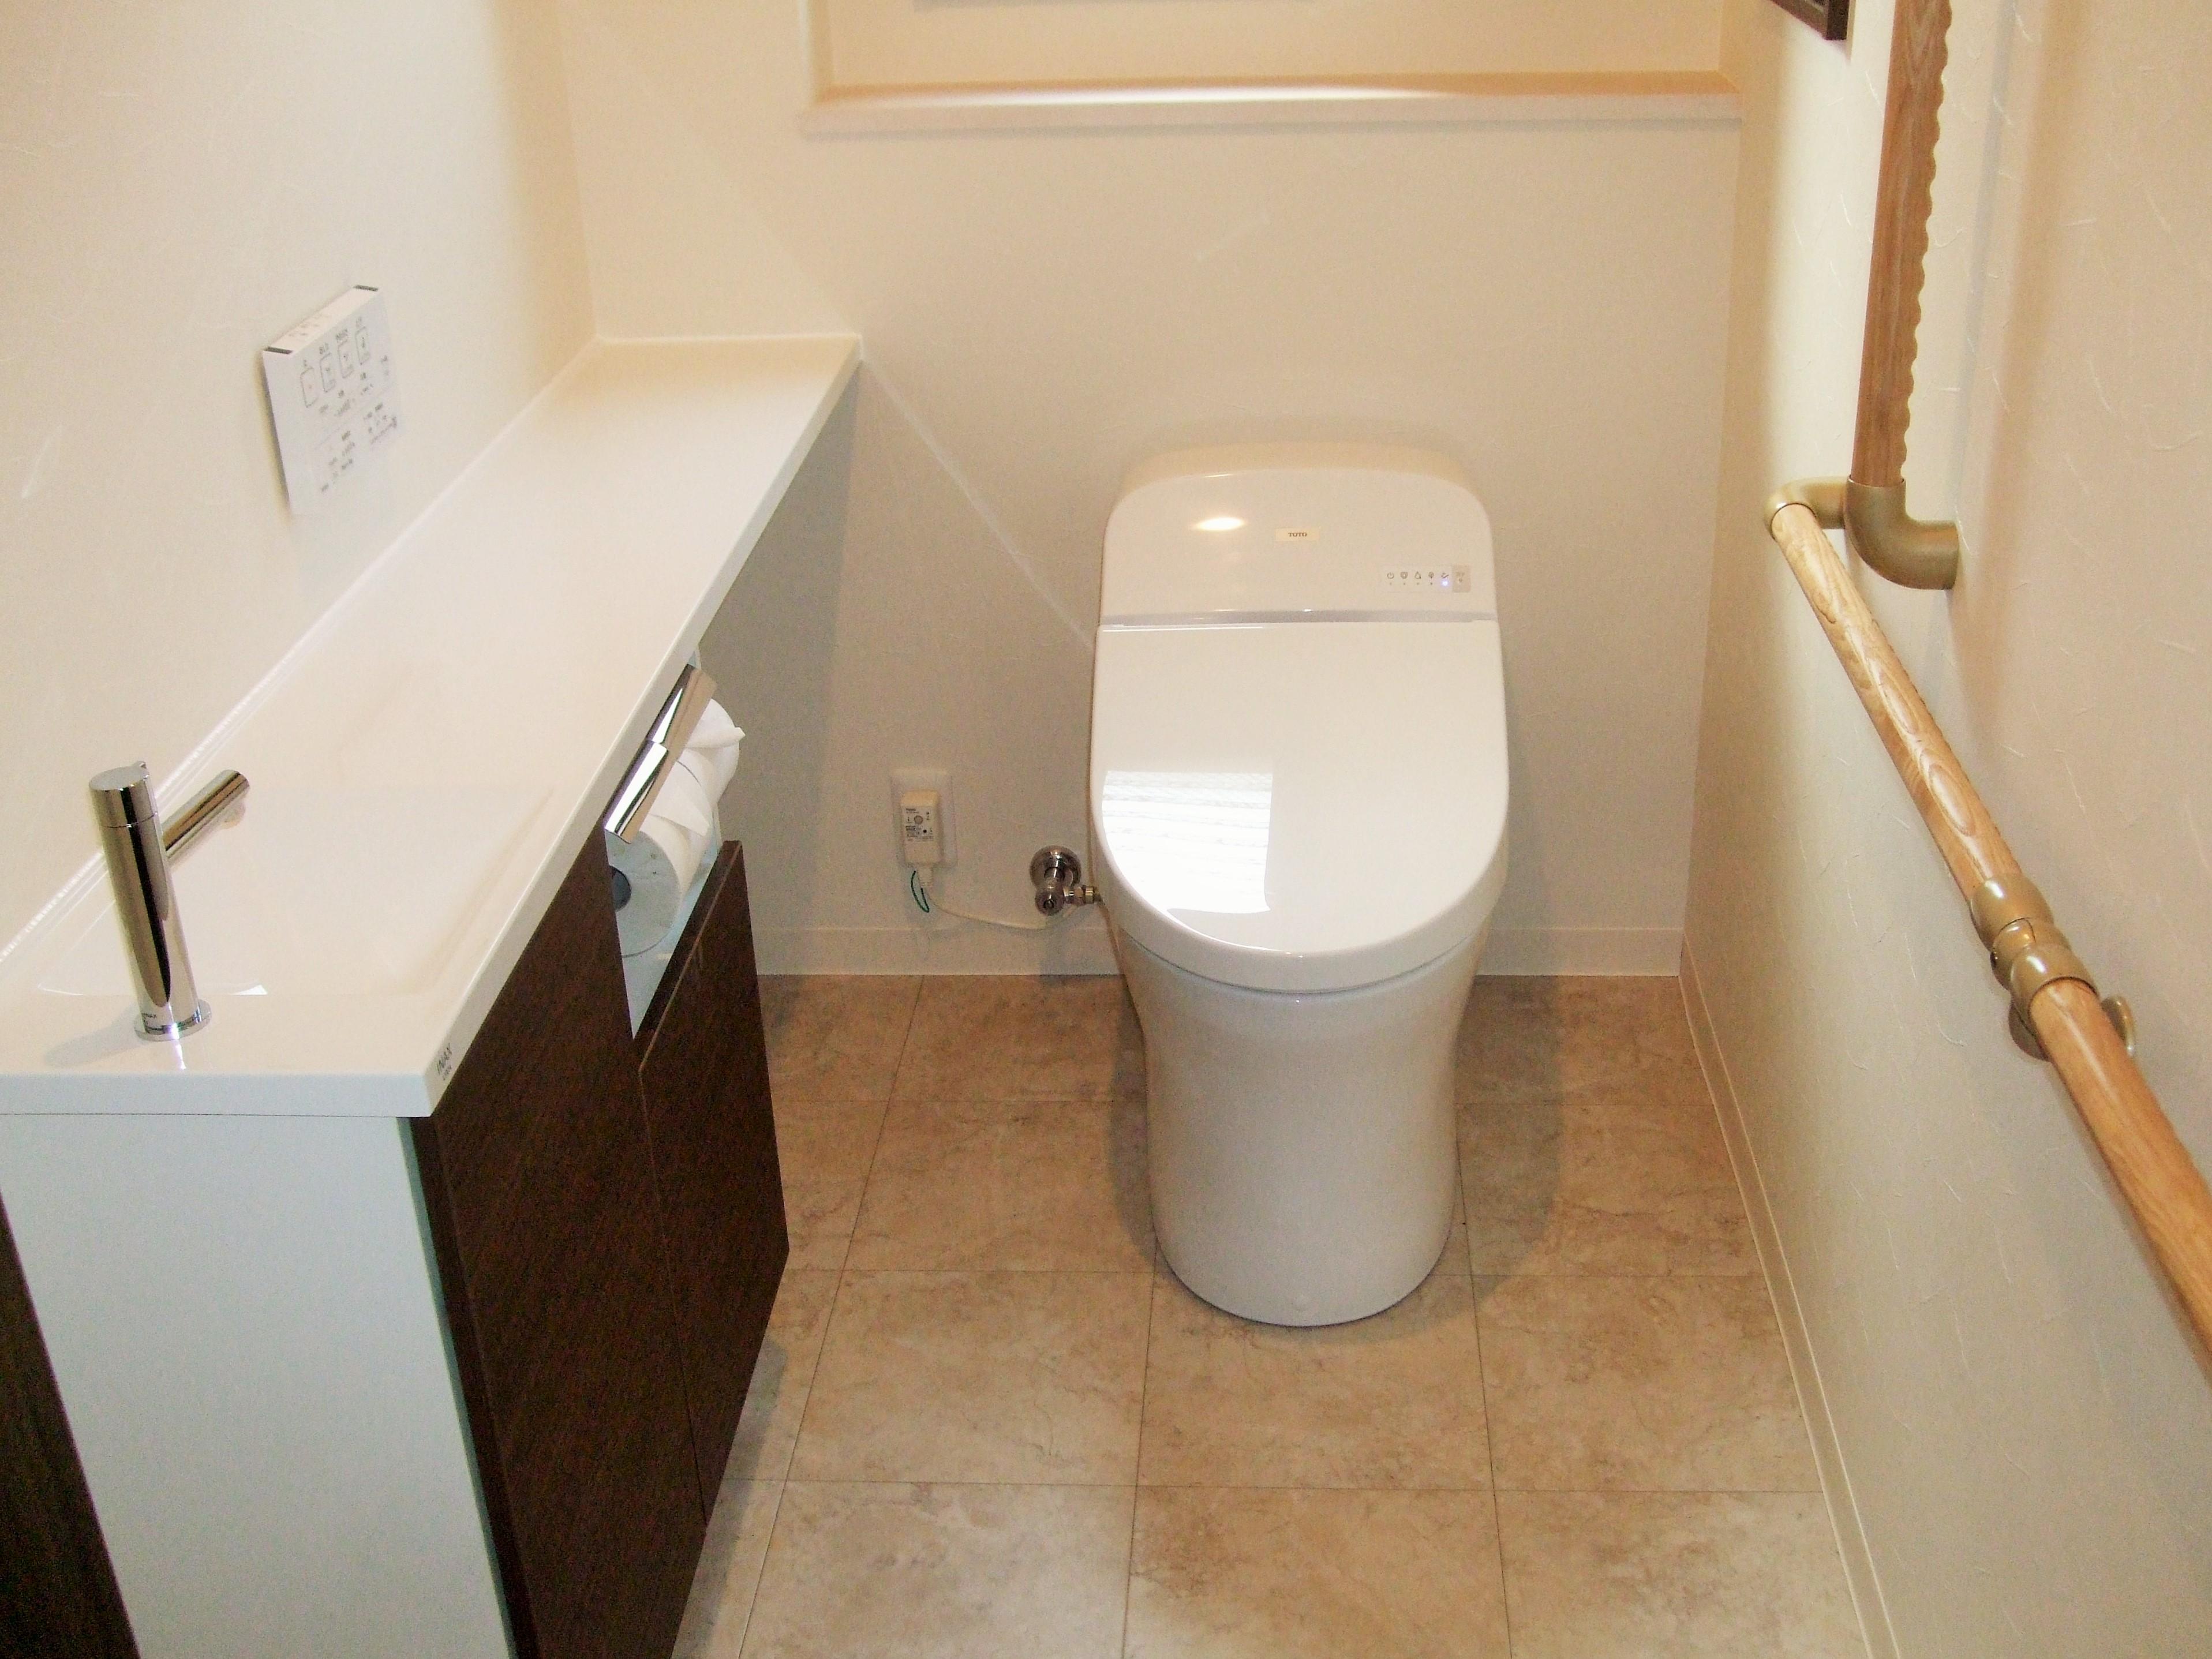 お掃除もしやすく快適なトイレになりました。